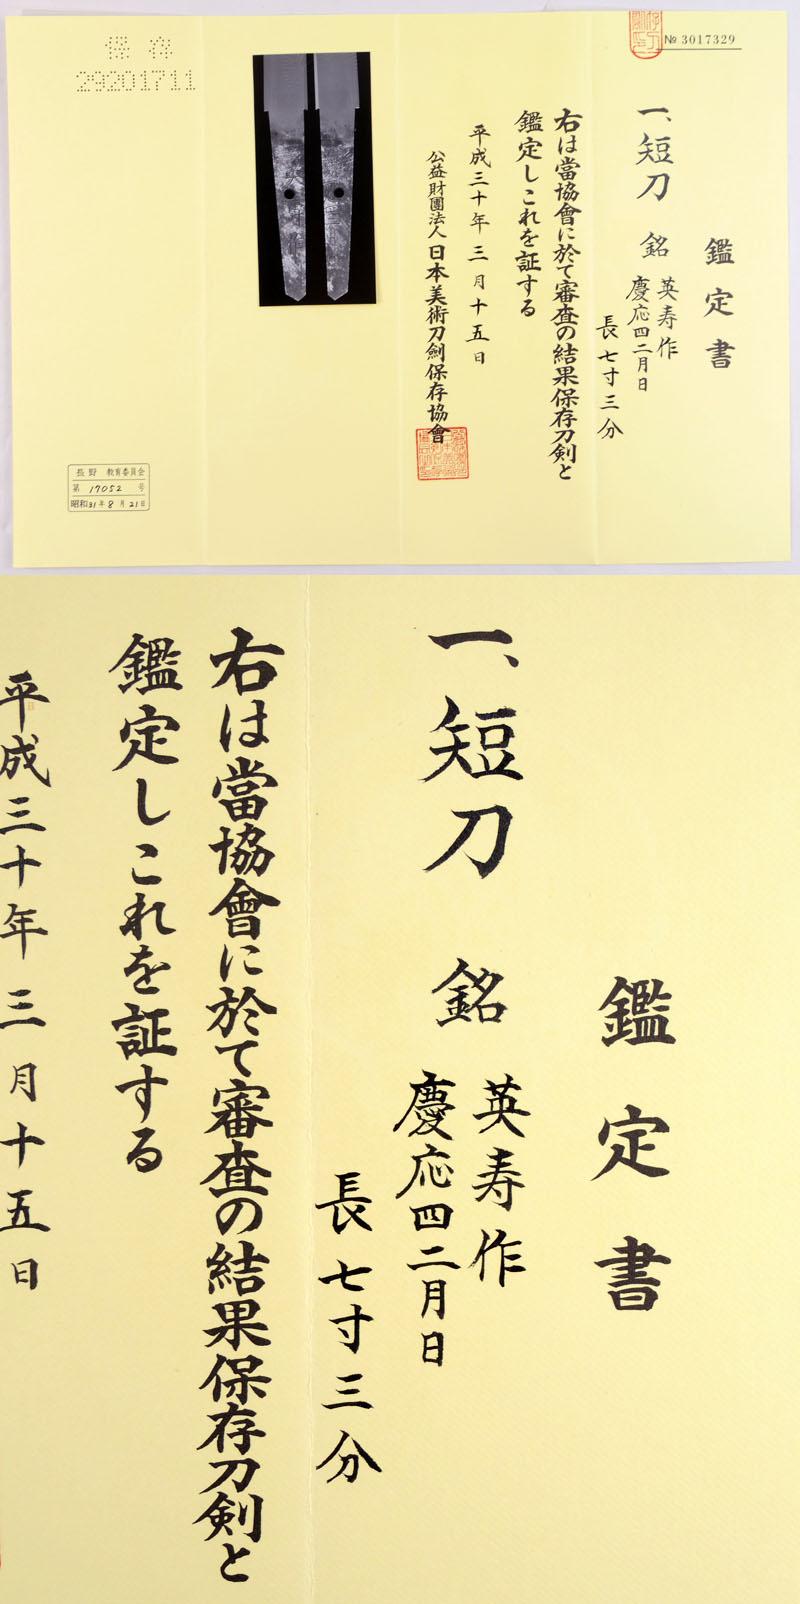 英寿作 Picture of Certificate